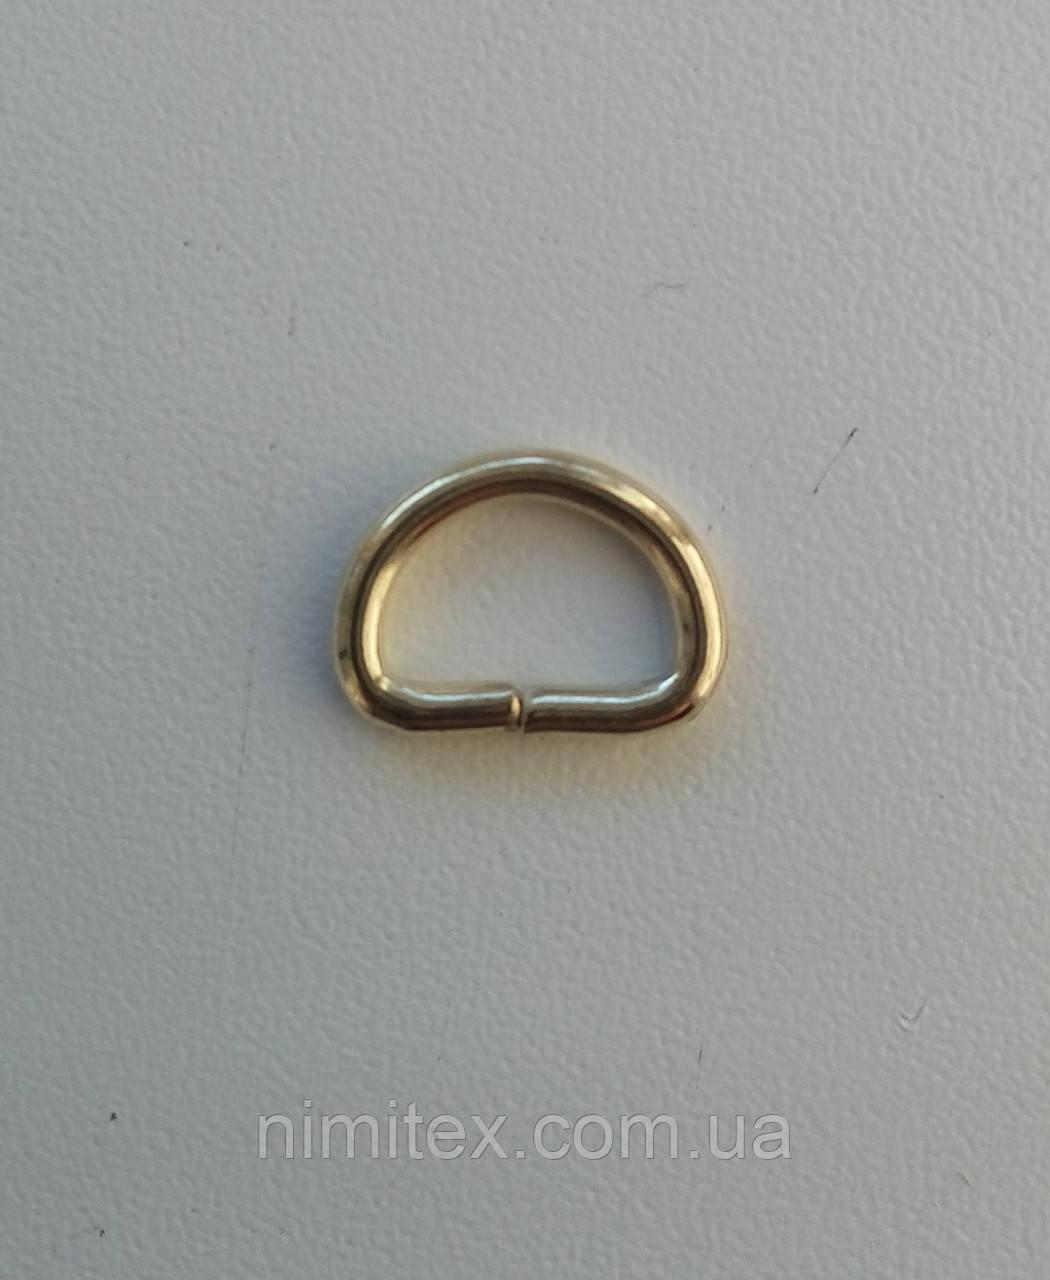 Півкільце дротове 10 мм золото